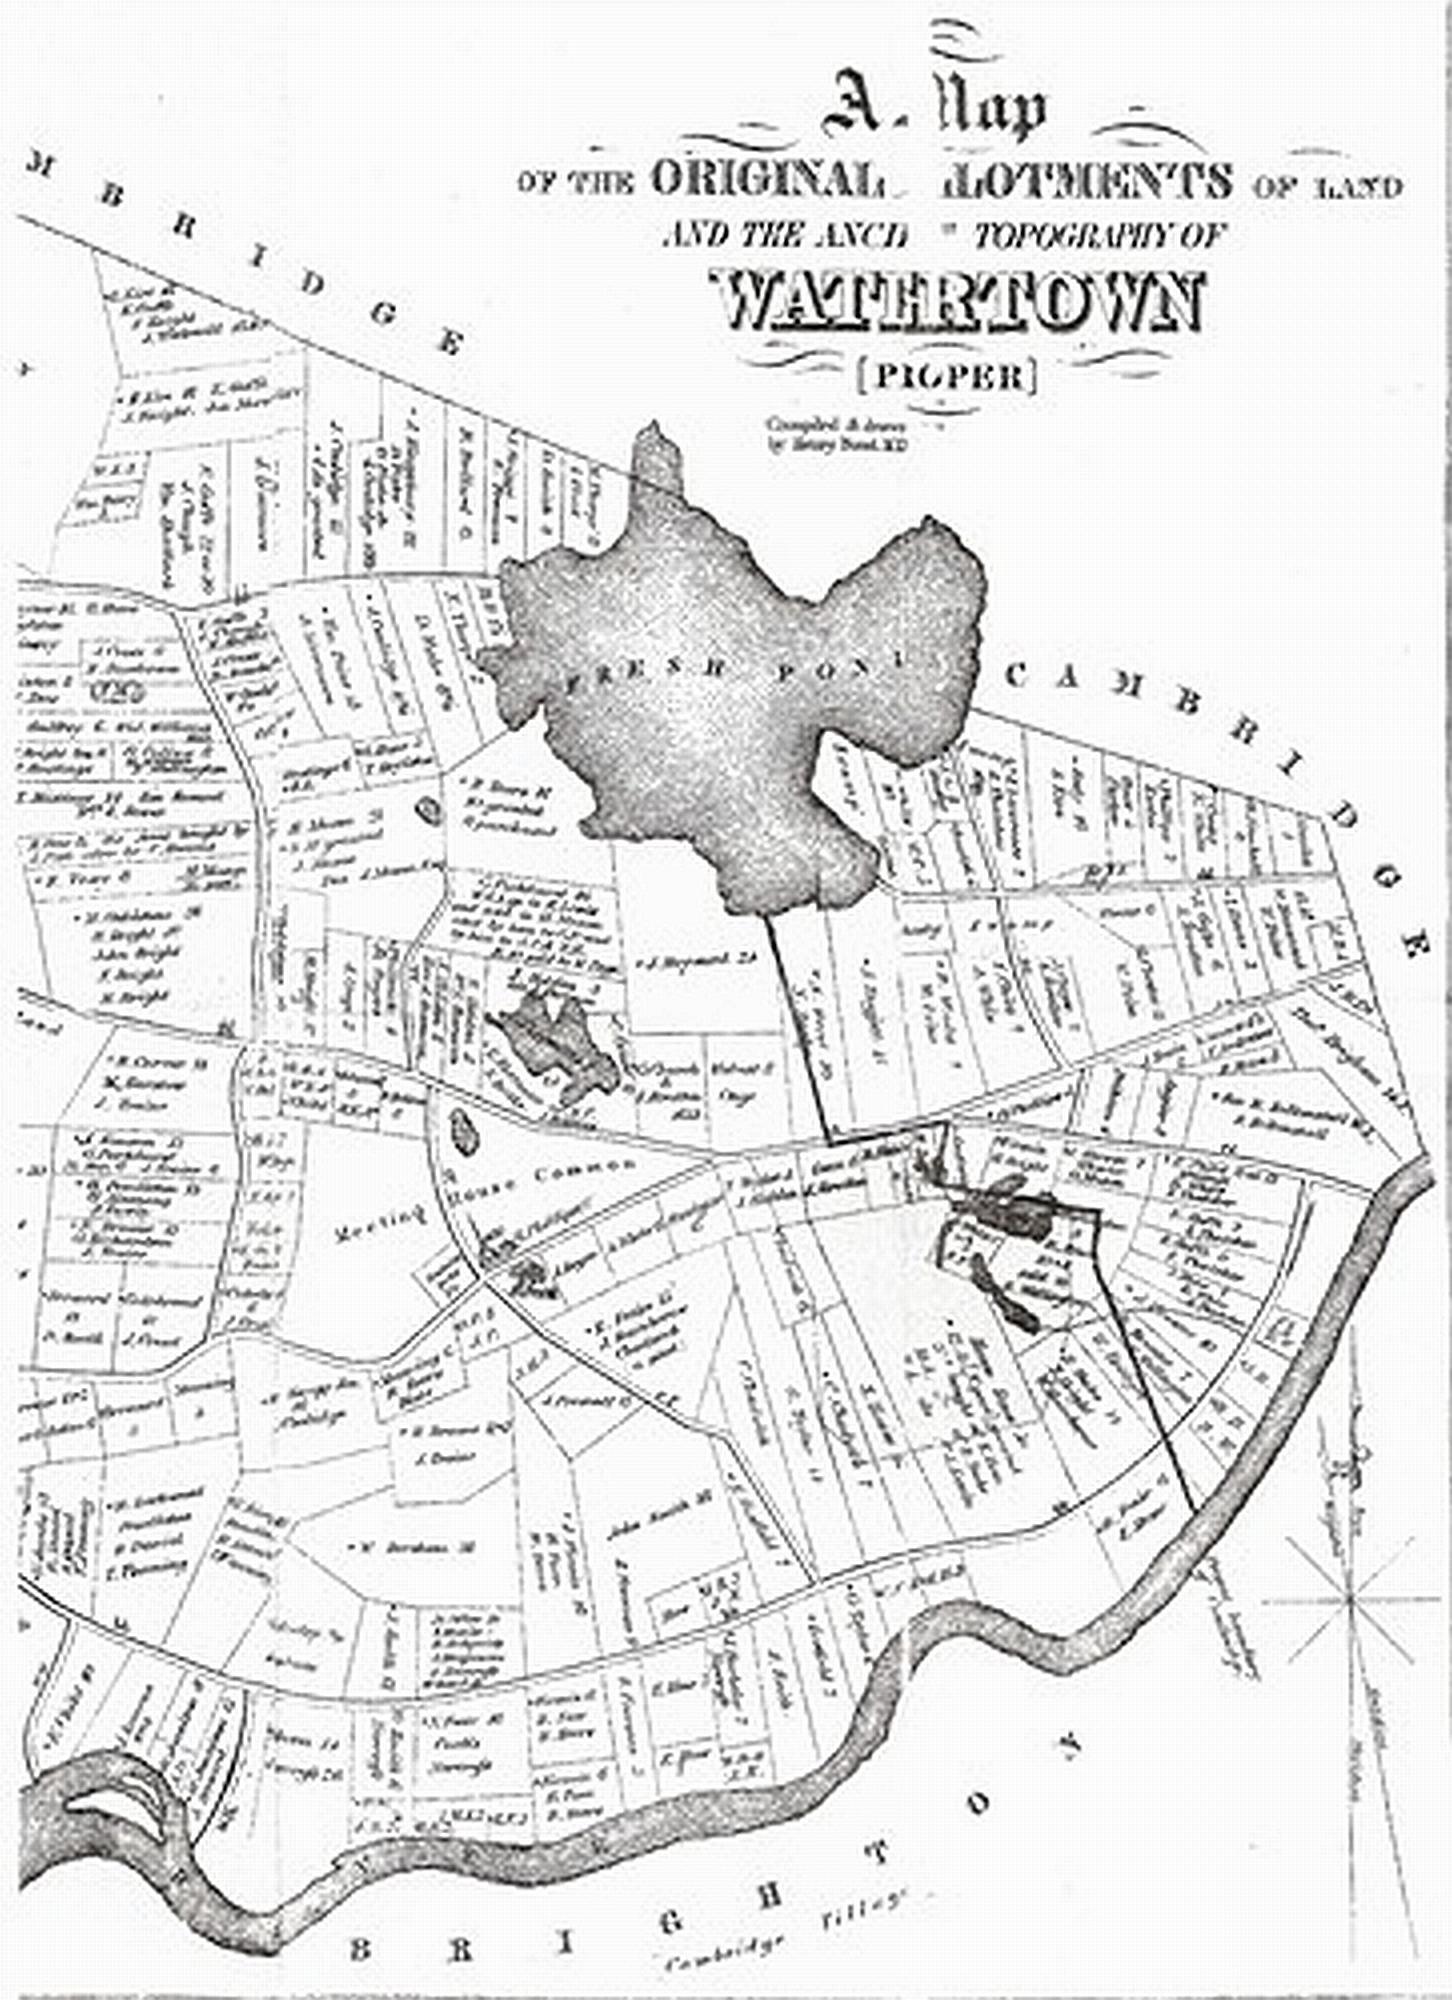 Watertown Massachusetts 238 Years Ago